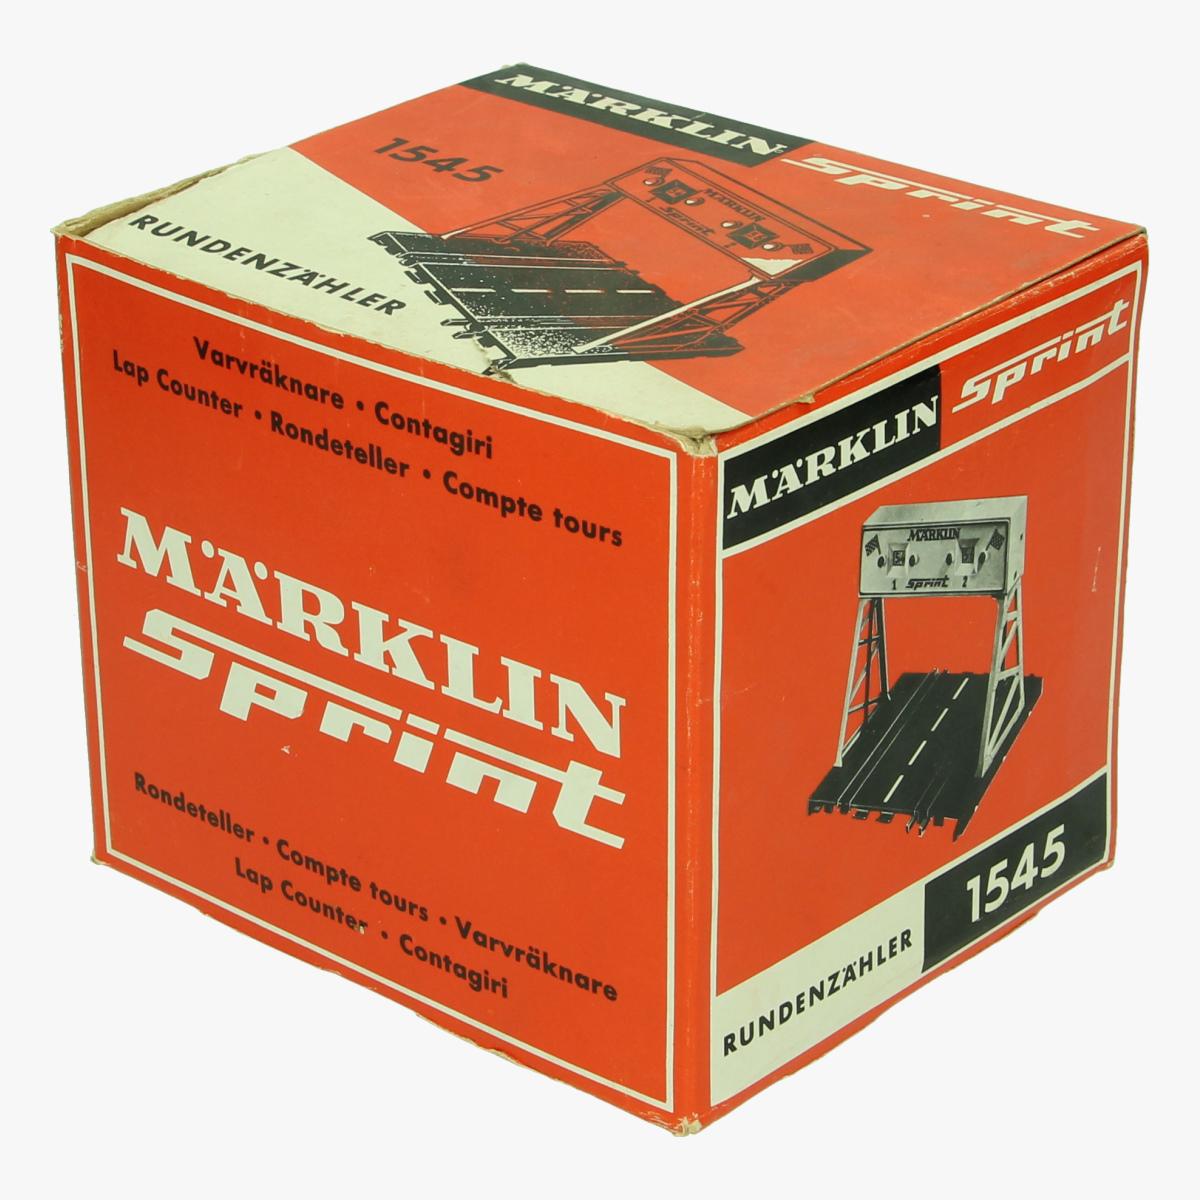 Afbeeldingen van Marklin Sprint.Rondeteller 1545